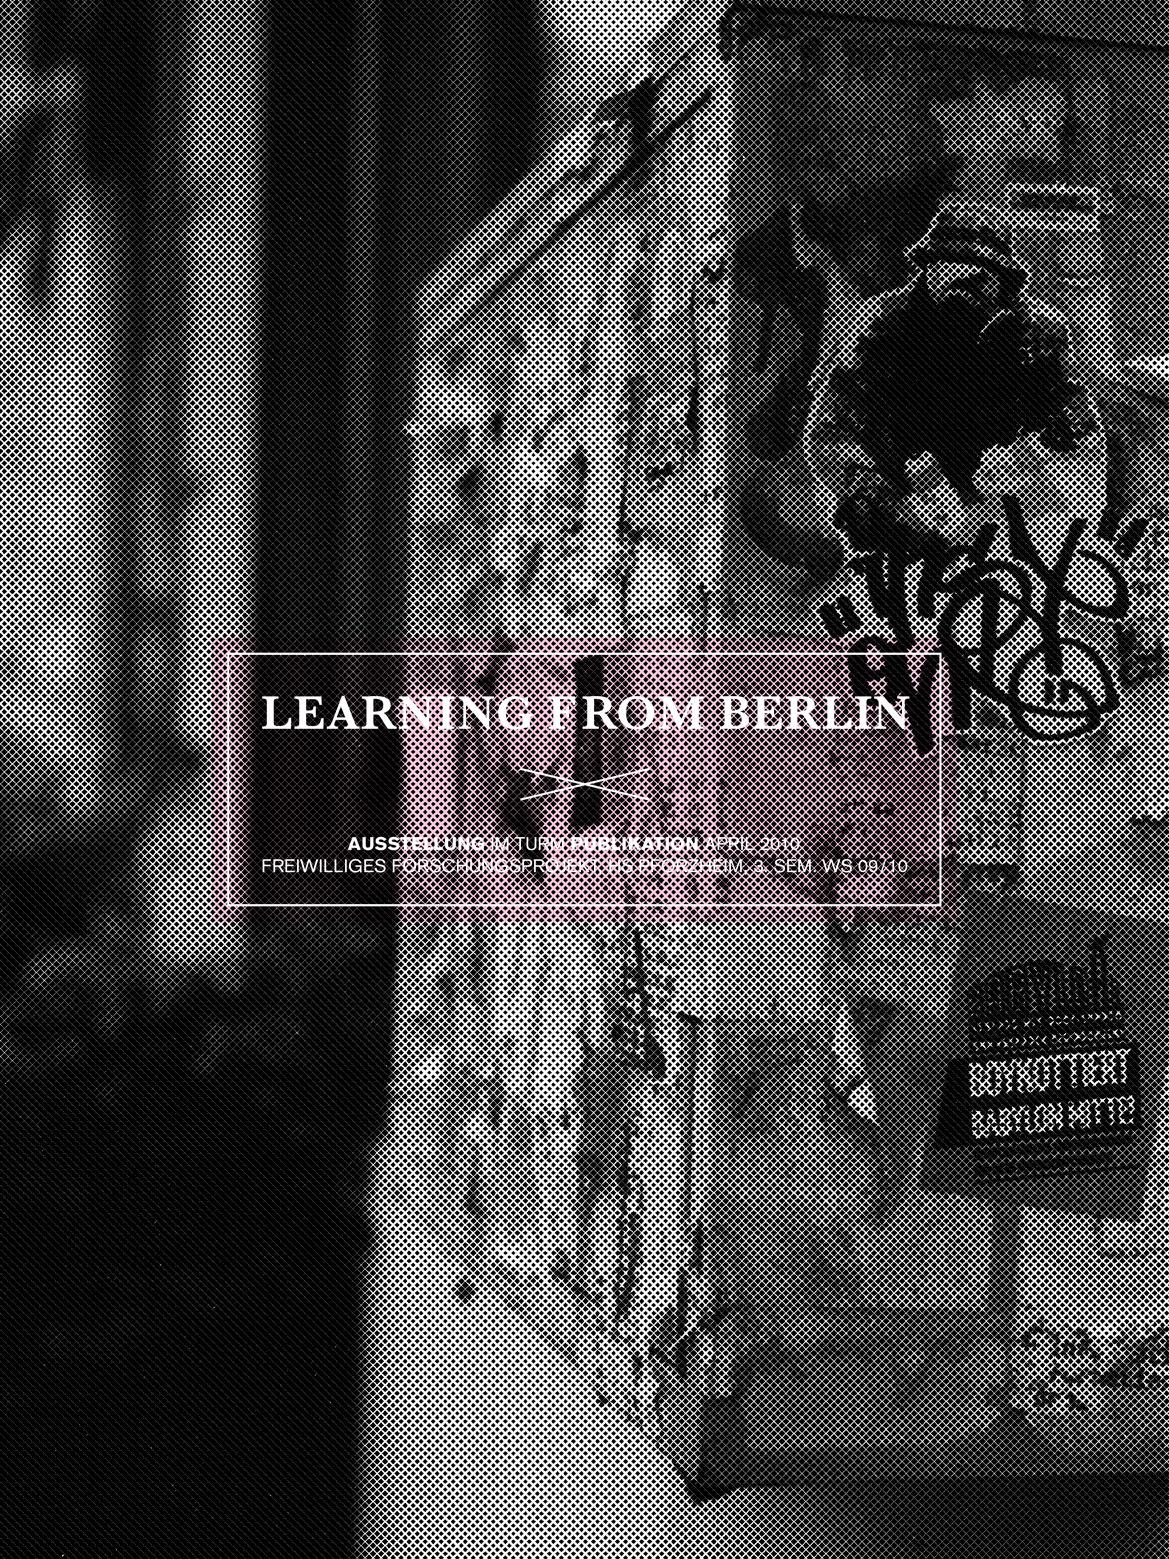 Urban-Manegold-Learning-from-Berlin-Design-Prozess-Magazin-Ausstellung-Plakat-SocialStudies-Gentrifikation-LFB-plakat2